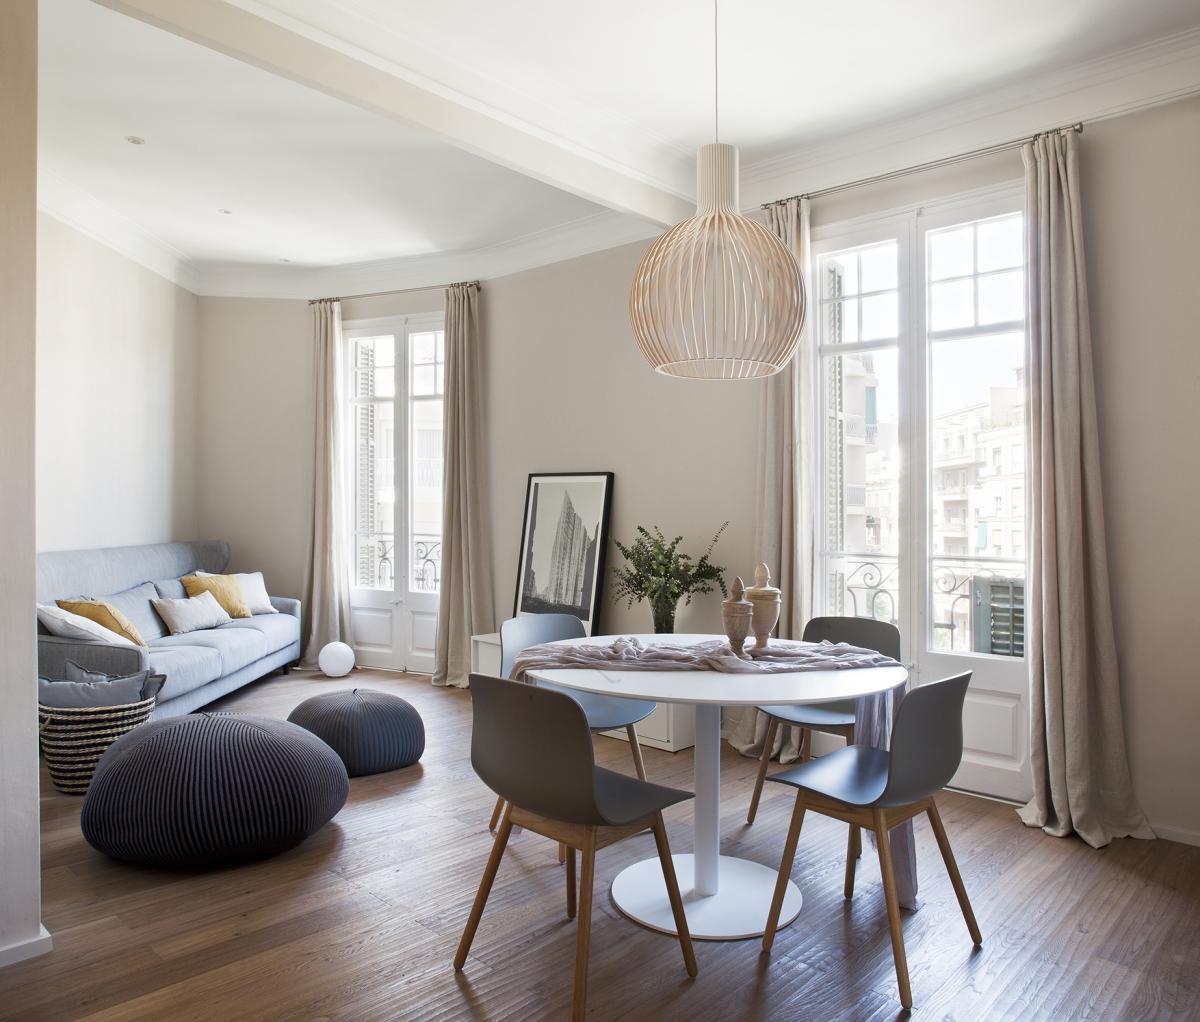 Como ampliar un espacio sin reformas casa y mantel for Consejos decoracion